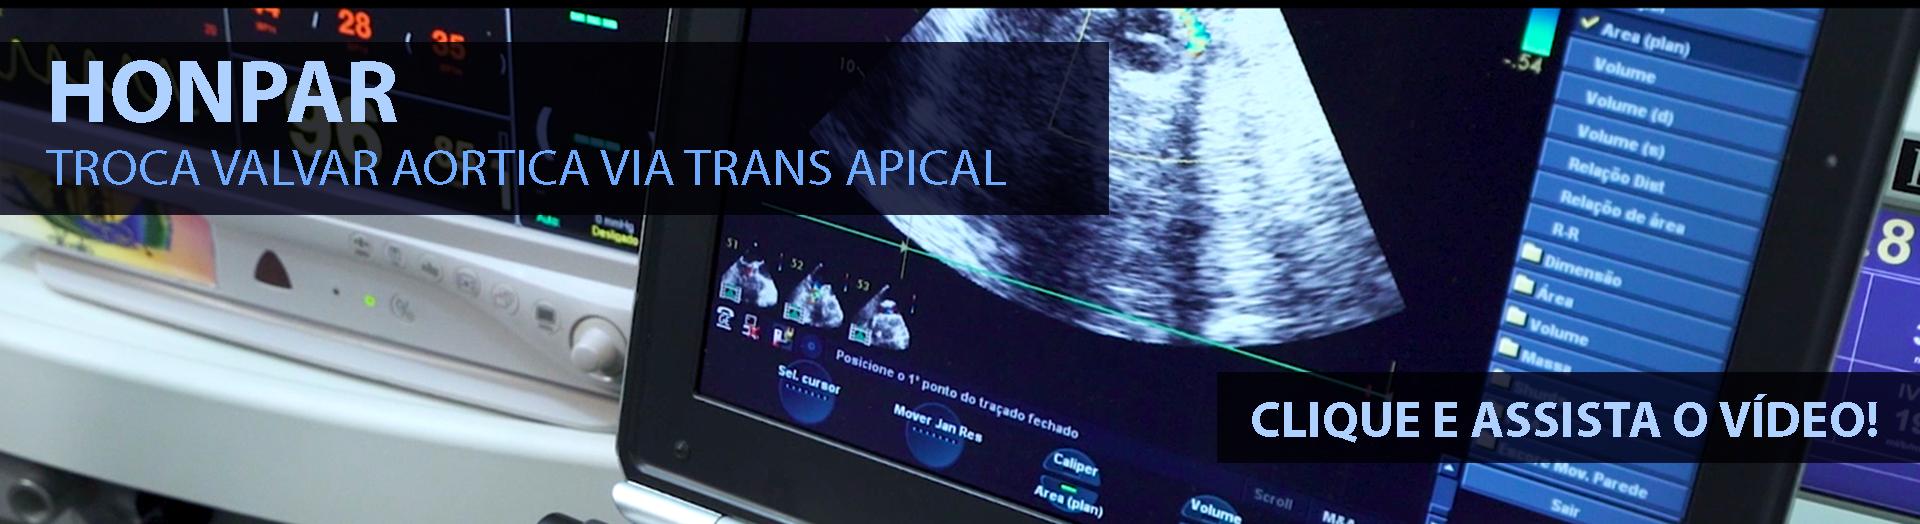 HONPAR - Troca valvar aortica via trans apical